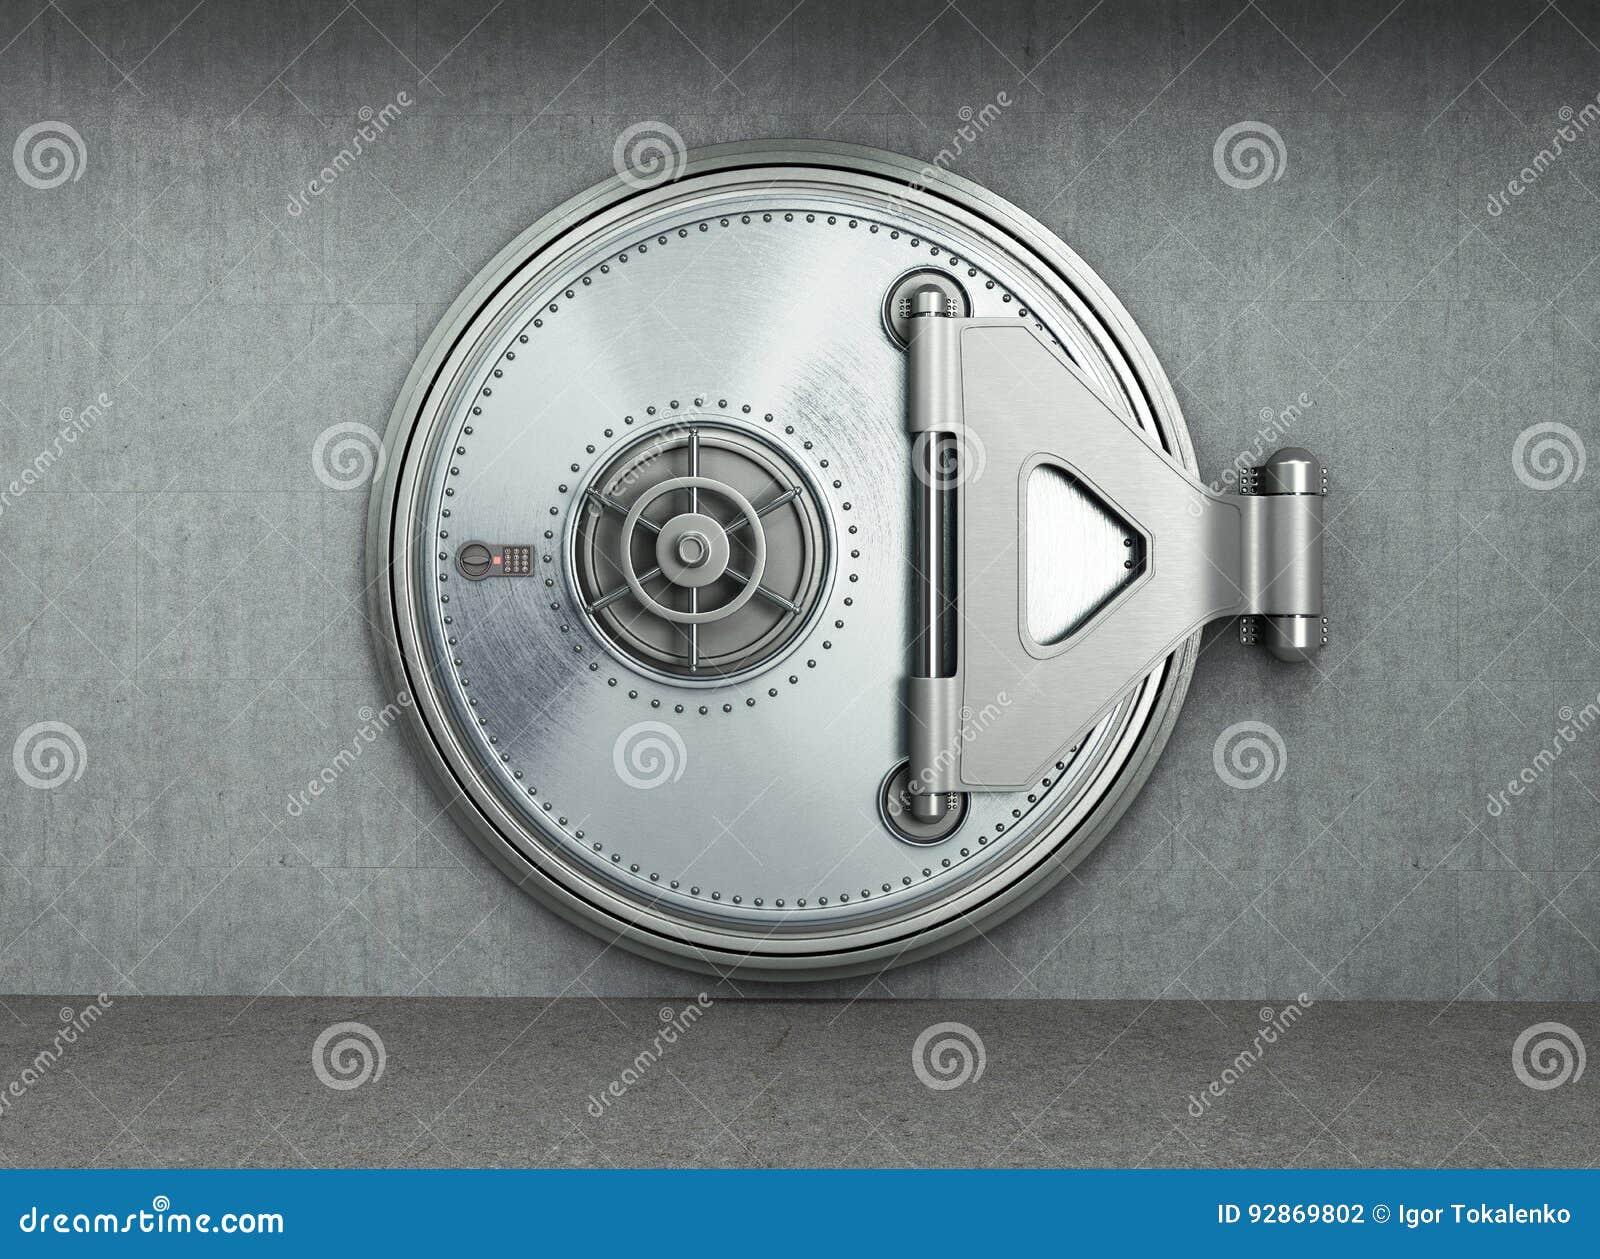 El fondo seguro grande 3d de alta resolución de la puerta rinde